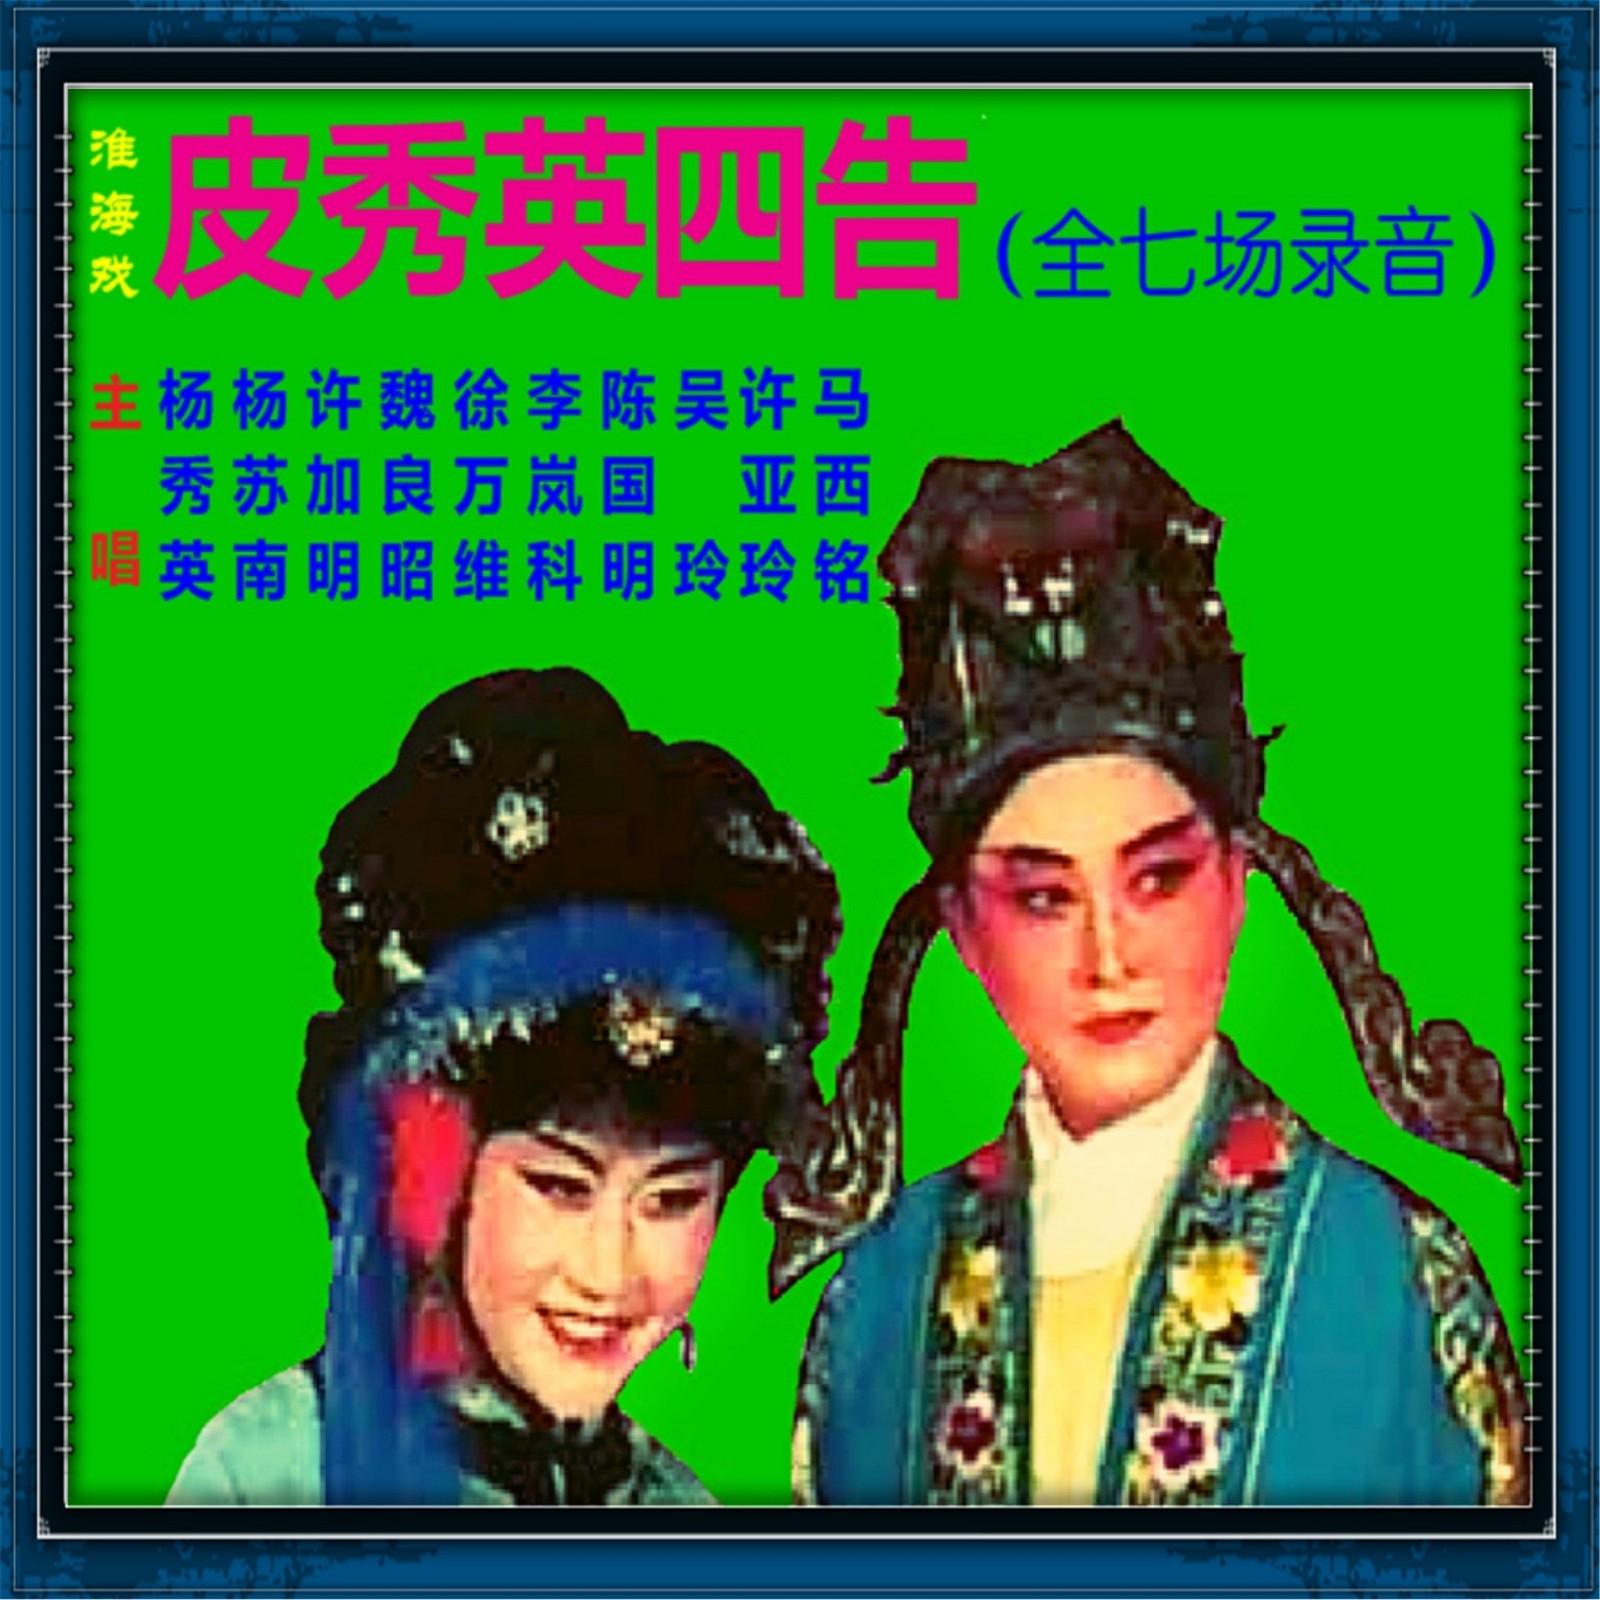 淮海戏传统戏《皮秀英四告》全剧